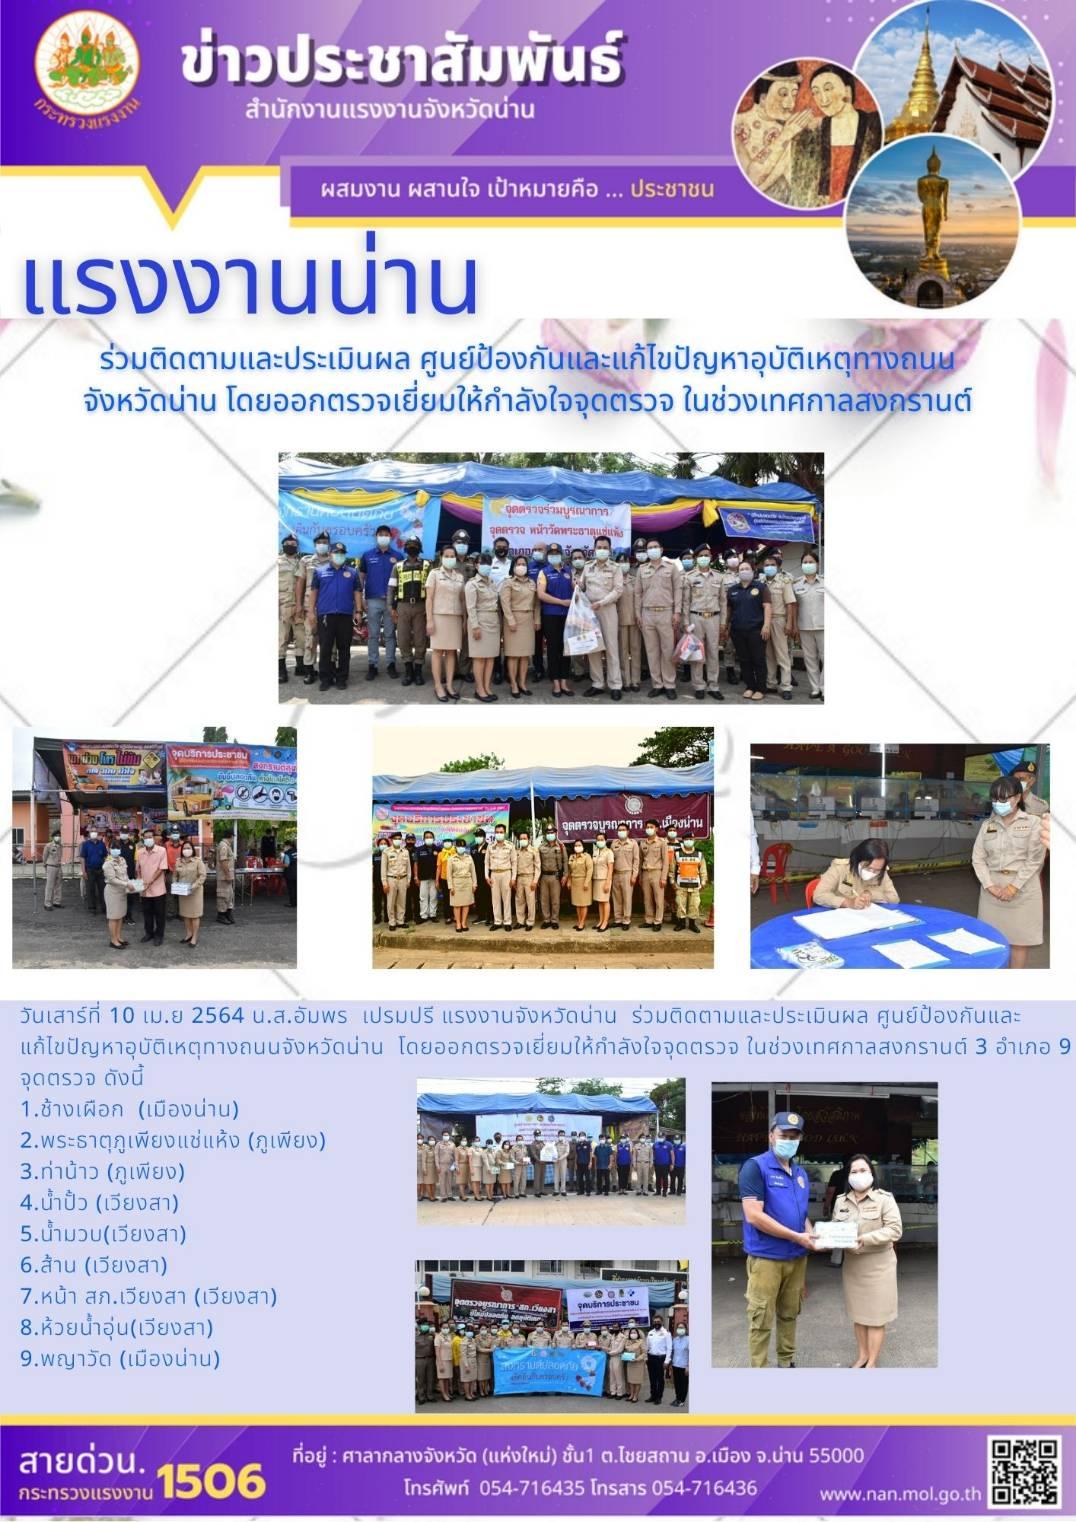 วันที่ 10 เมษายน 2564 น.ส.อัมพร เปรมปรี แรงงานจังหวัดน่าน ร่วมติดตามและประเมินผล ศูนย์ป้องกันและแก้ไขปัญหาอุบัติเหตุทางถนนจังหวัดน่าน โดยออกตรวจเยี่ยมให้กำลังใจจุดตรวจ ในช่วงเทศกาลสงกรานต์ 3 อำเภอ 9 จุดตรวจ ดังนี้ อำเภอเมือง จุดตรวจช้างเผือก และ พญาวัด อำเภอภูเพียง จุดตรวจพระธาตุภูเพียงแช่แห้ง และท่าน้าว และอำเภอเวียงสา จุดตรวจน้ำปั้ว น้ำมวบ ส้าน หน้า สภ.เวียงสา และห้วยน้ำอุ่น โดยมี นายวิศิษฐ์ ทวีสิงห์ ปลัดจังหวัดน่าน เป็นประธาน